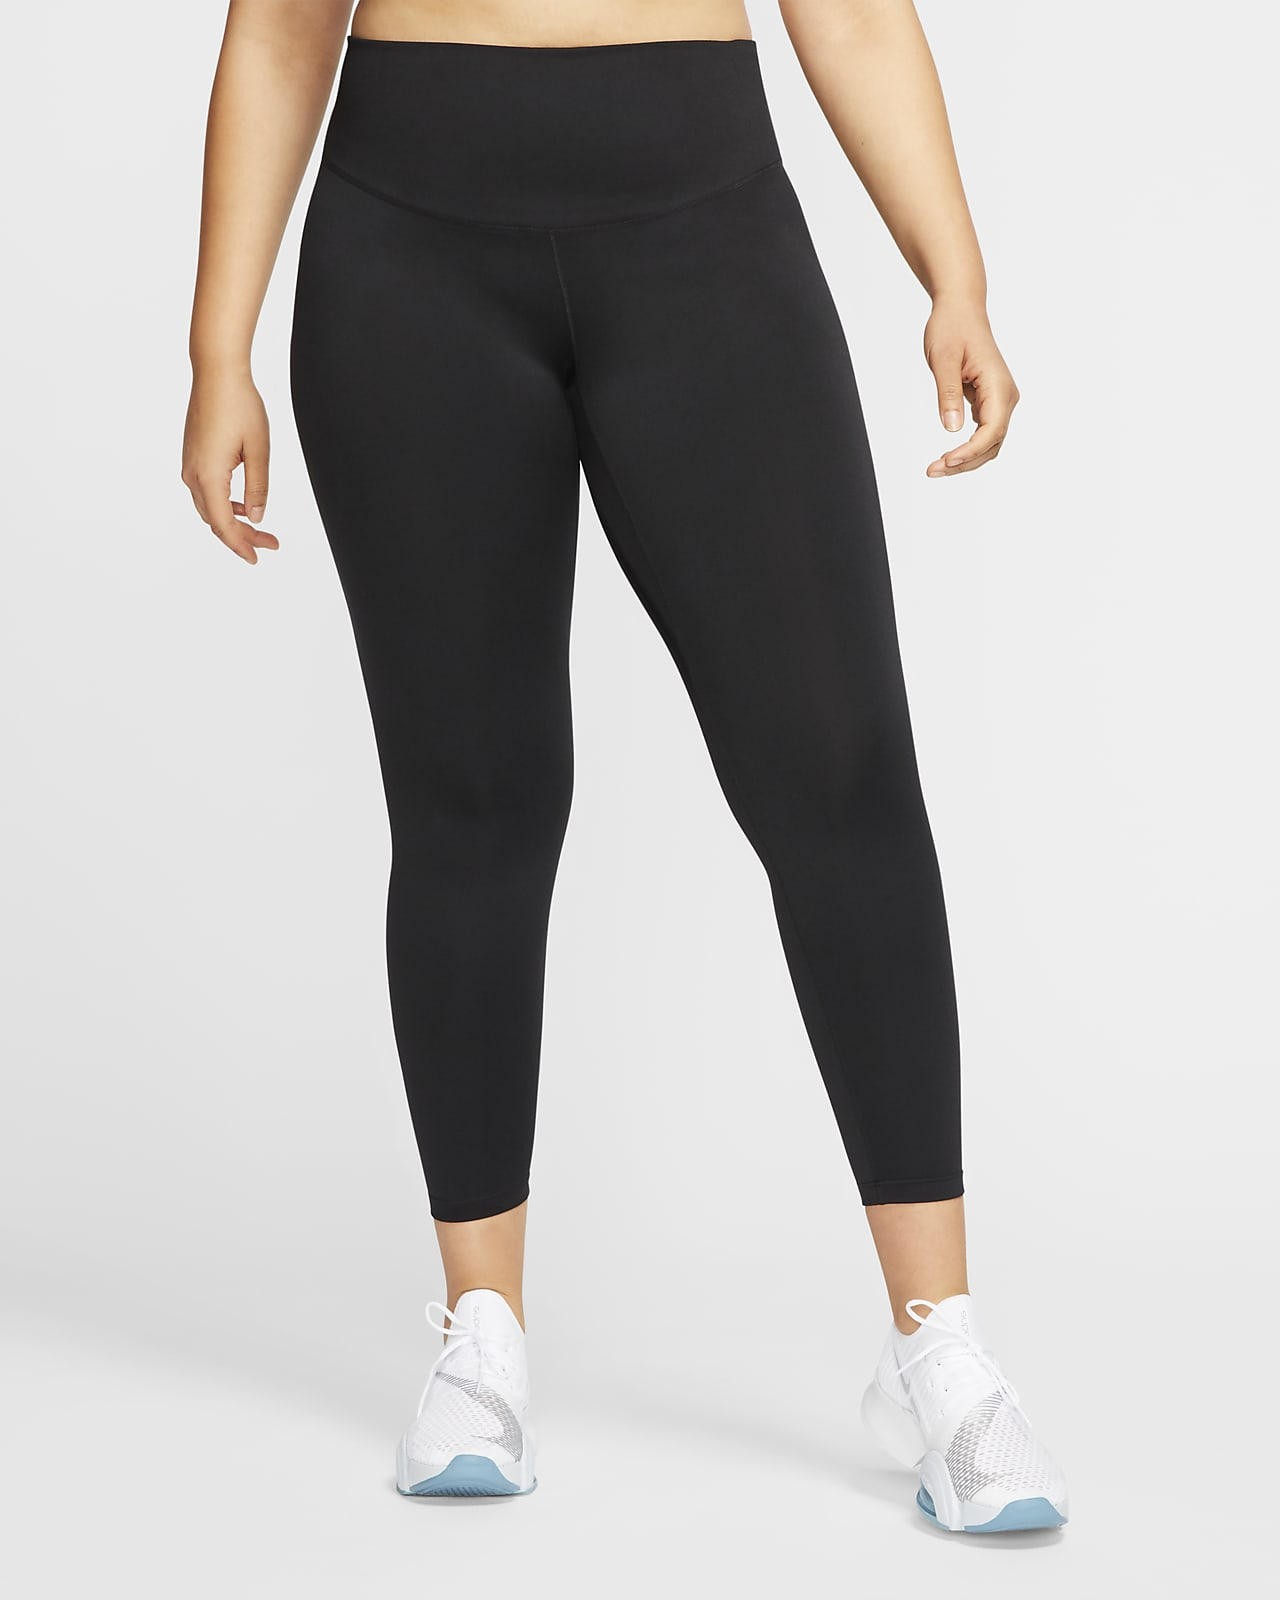 Nike One Women's Leggings (Plus size)